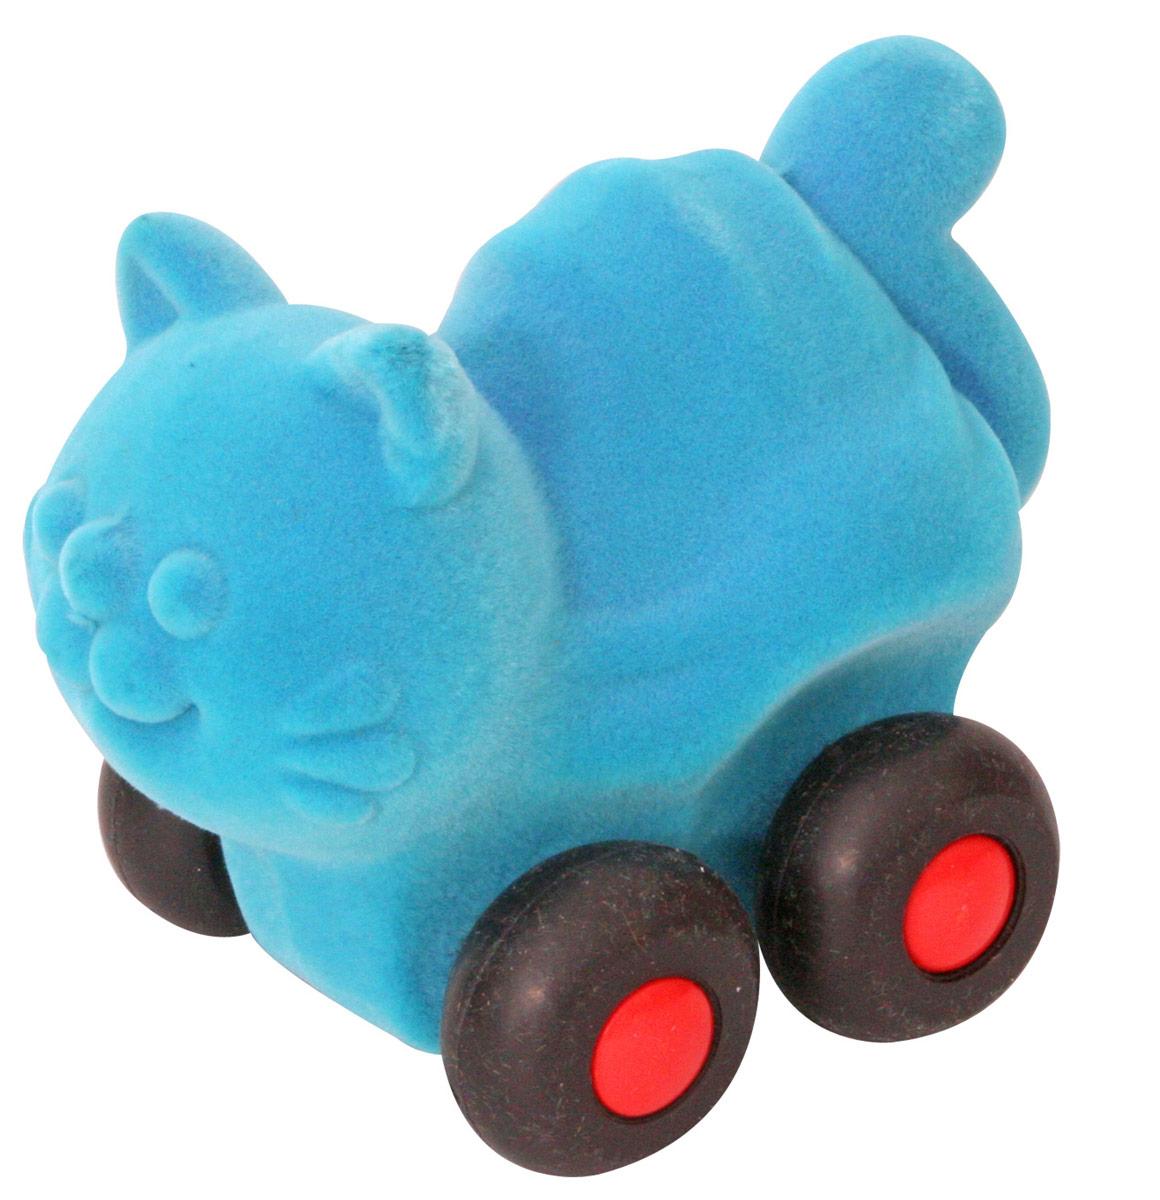 Rubbabu Фигурка функциональная Кошка машины rubbabu скутер из натурального каучука с флоковым покрытием 21 см